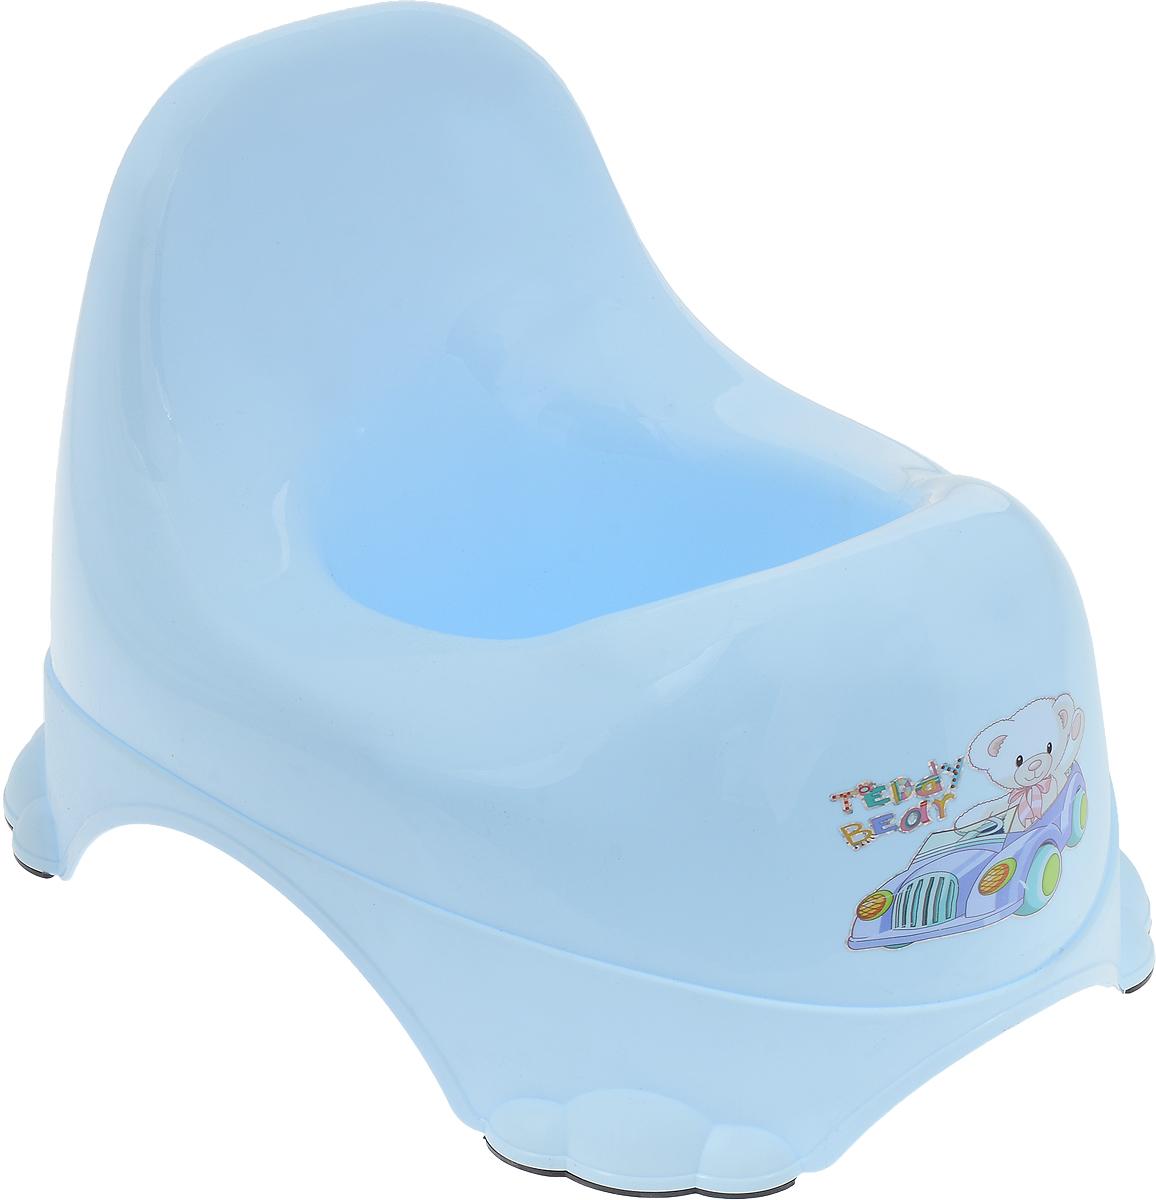 Dunya Plastik Горшок детский Ниш-бэйби цвет светло-голубой -  Горшки и адаптеры для унитаза